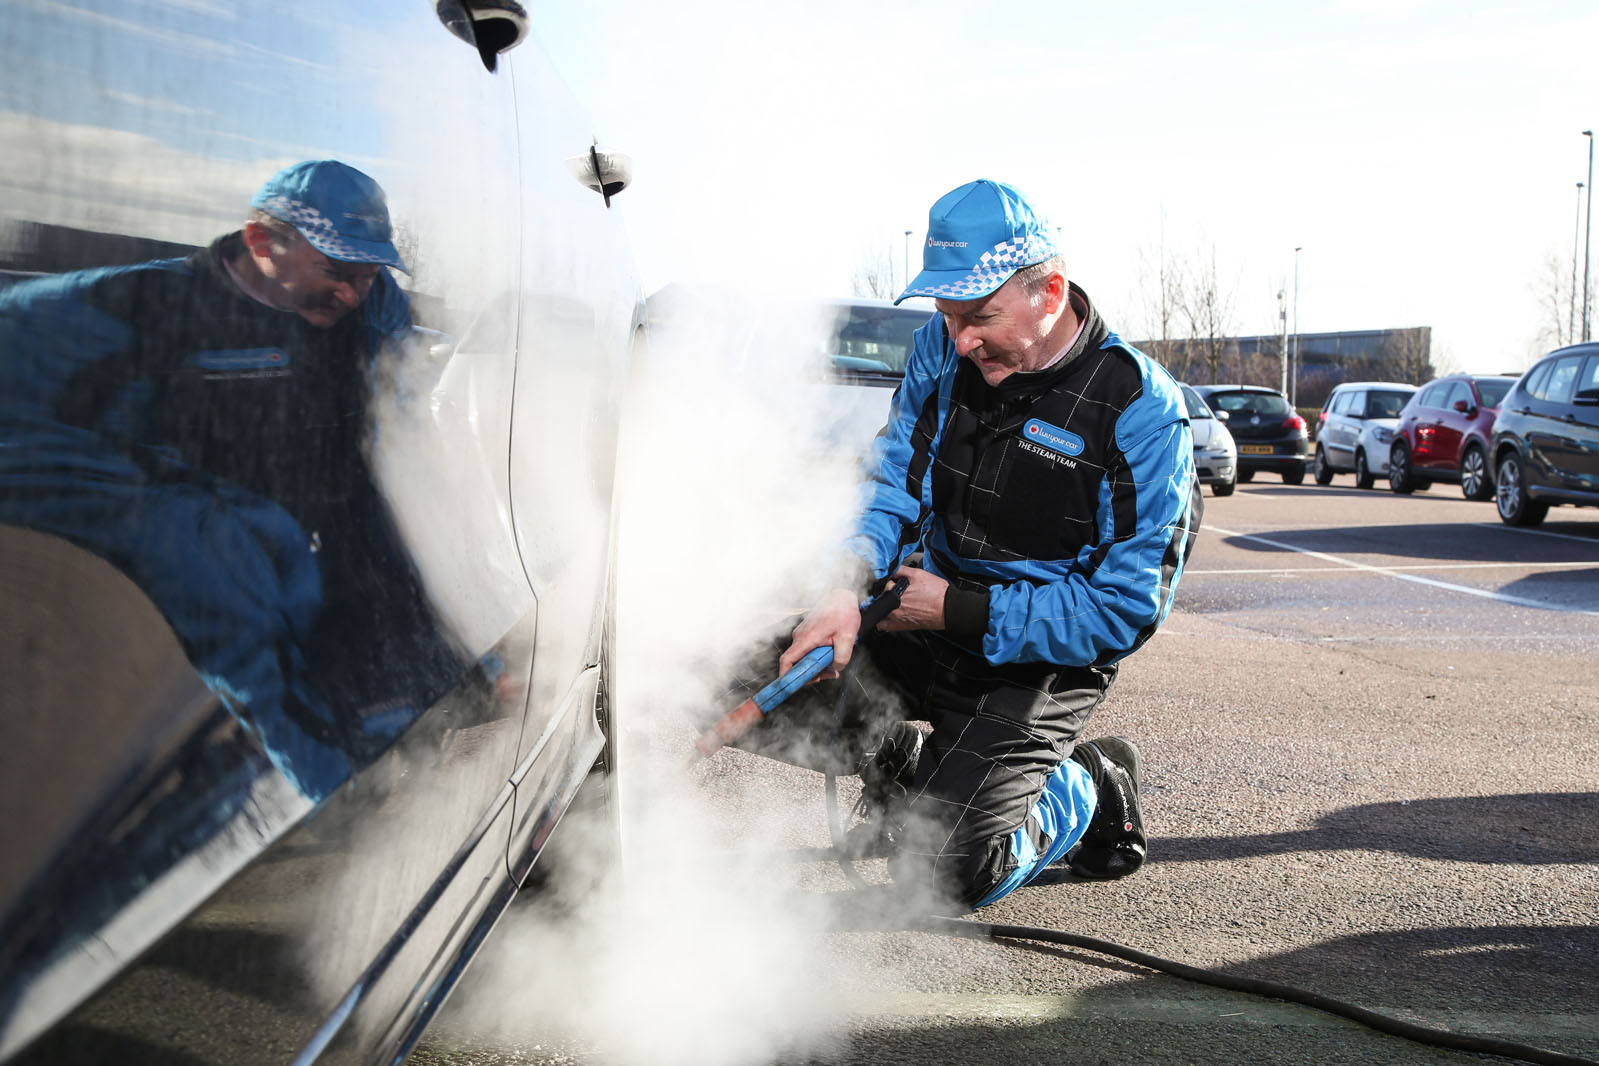 steam-wash-3989 taciki.ru